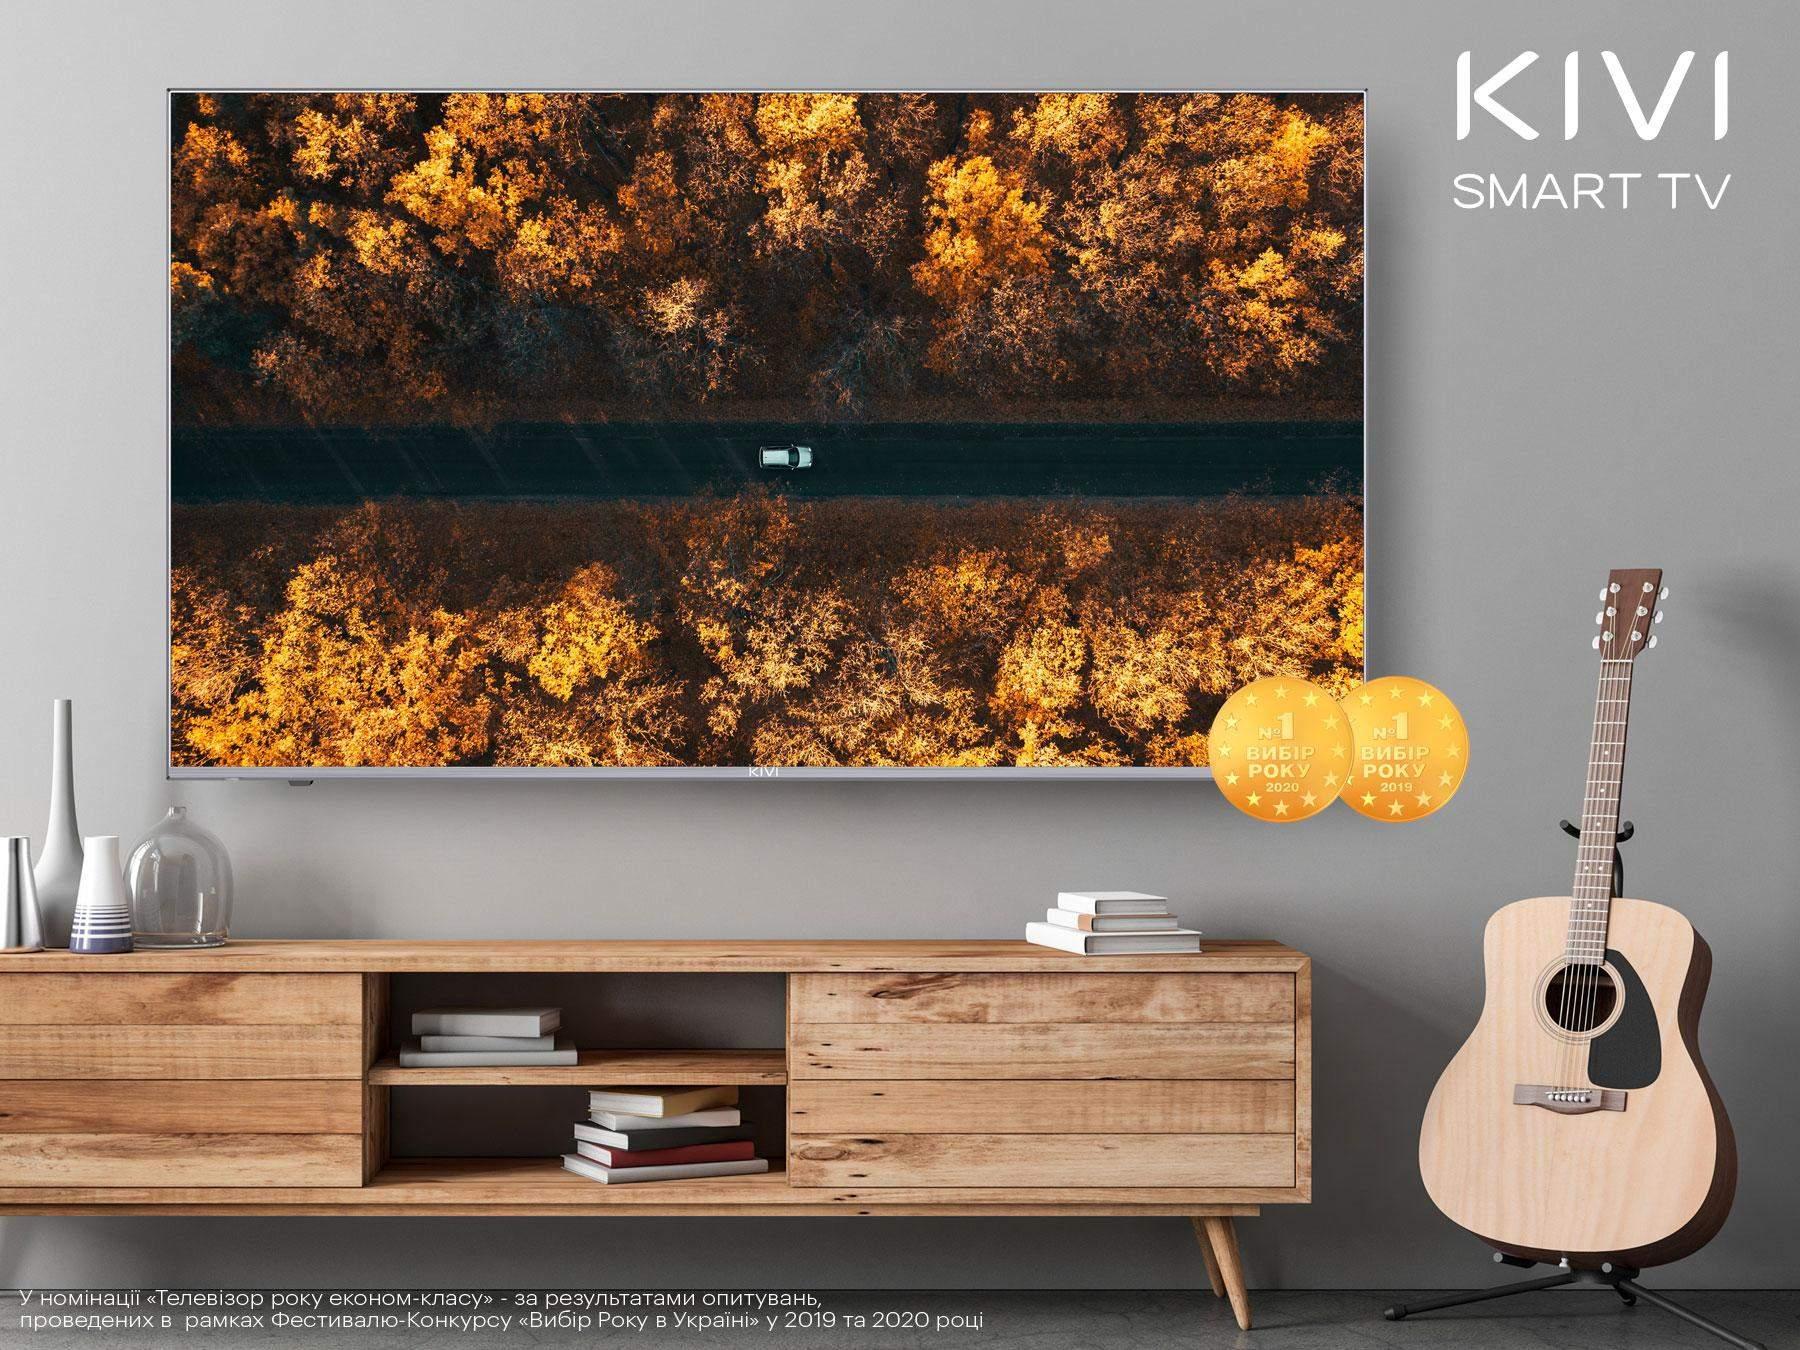 KIVI представила лімітовану серію телевізорів